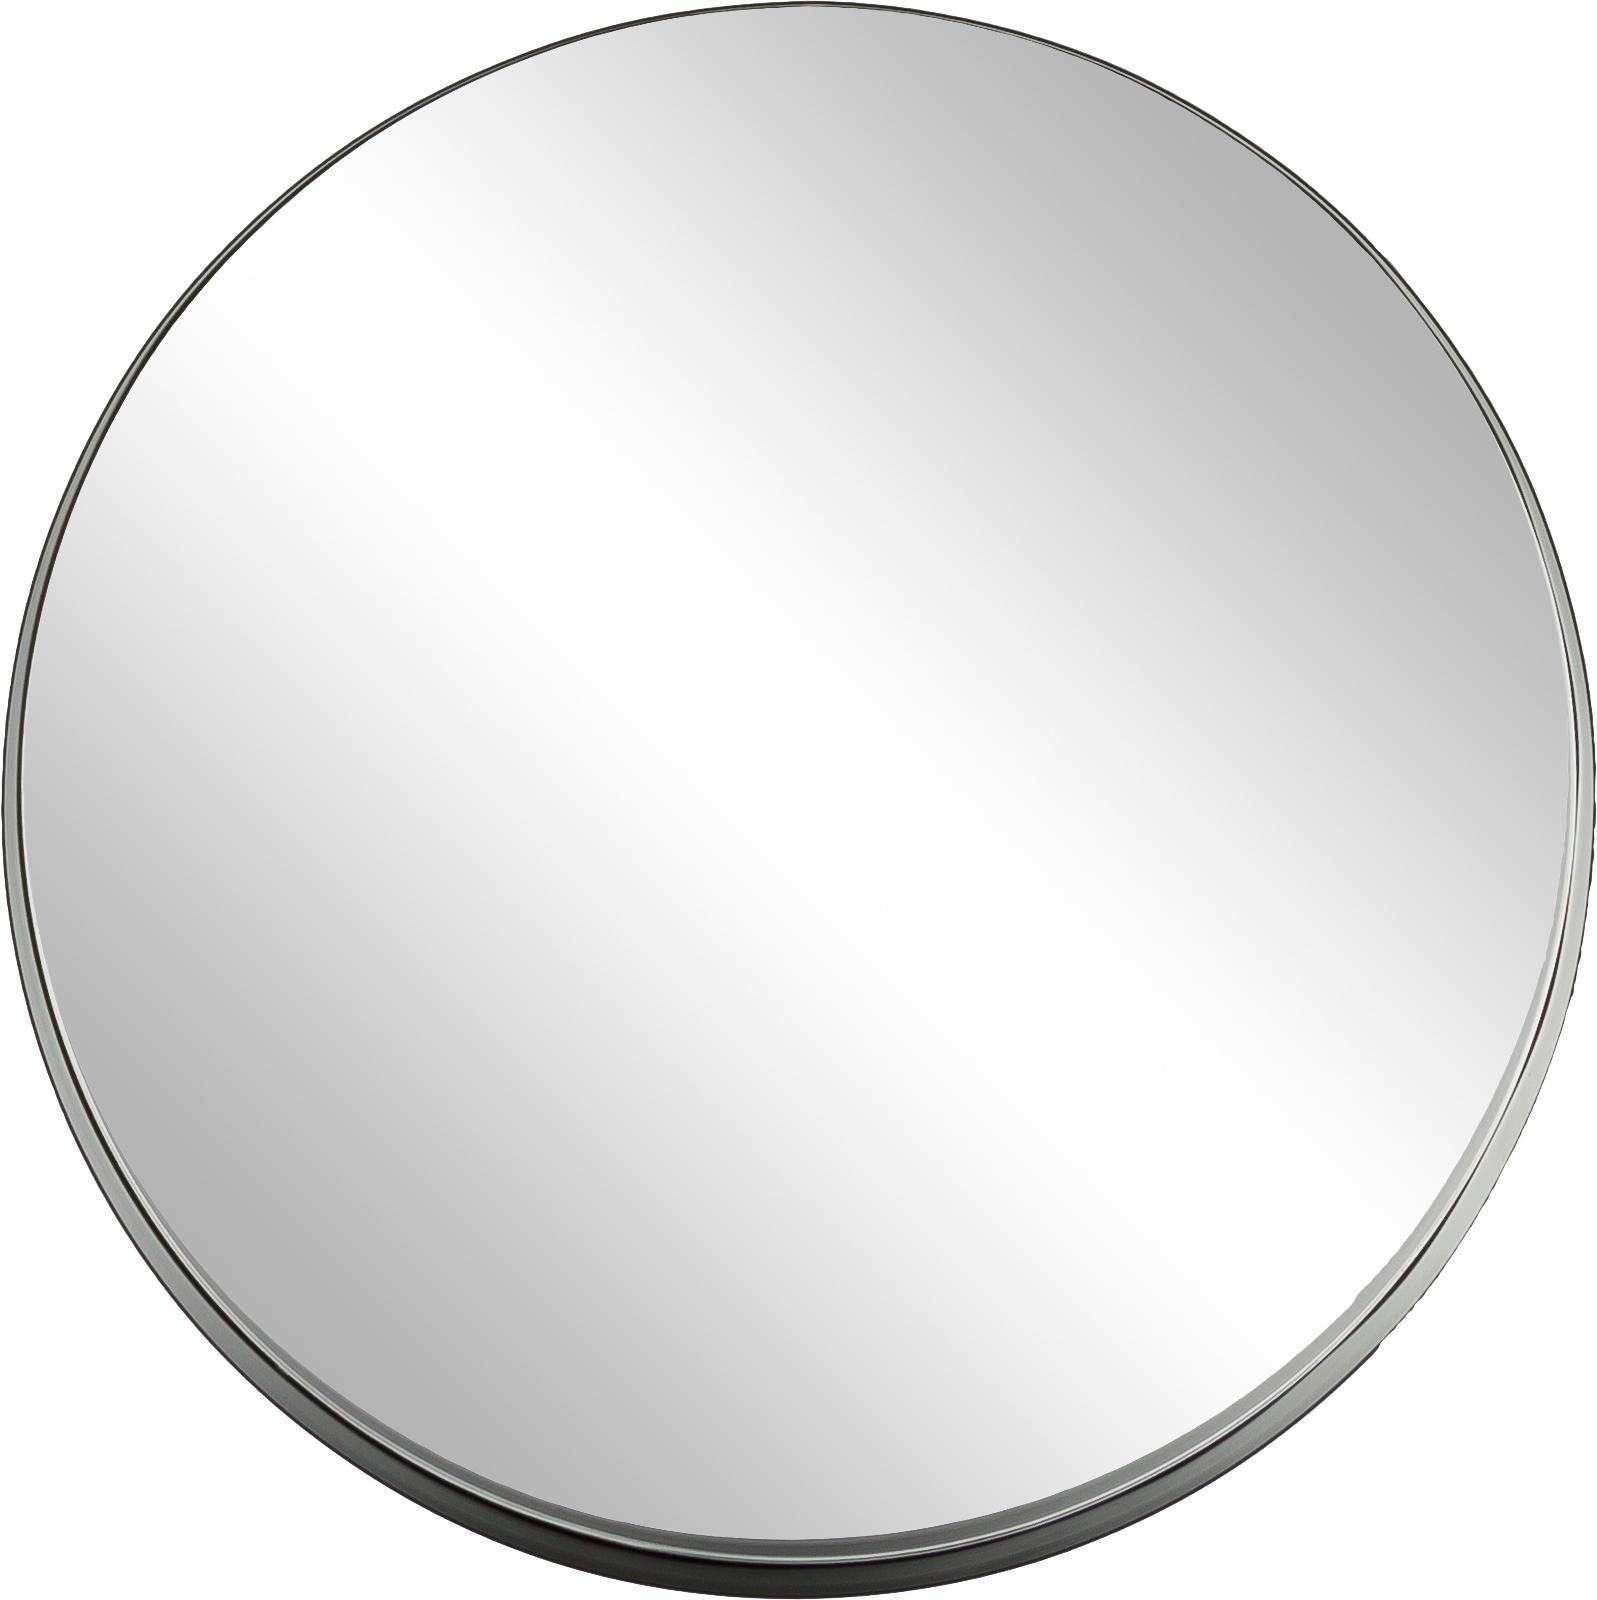 Lustro ścienne Metal, Rama: czarny Szkło lustrzane, Ø 51 cm